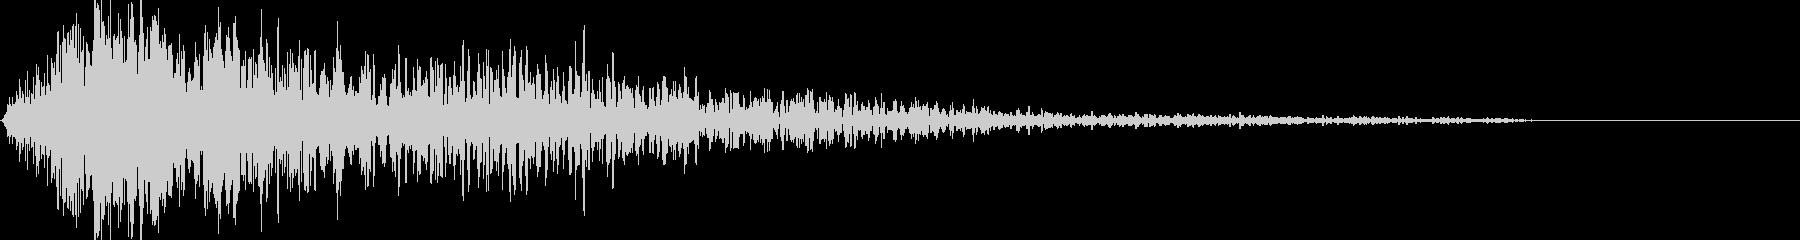 ドムーン 爆発低音下降音 映画トレイラーの未再生の波形